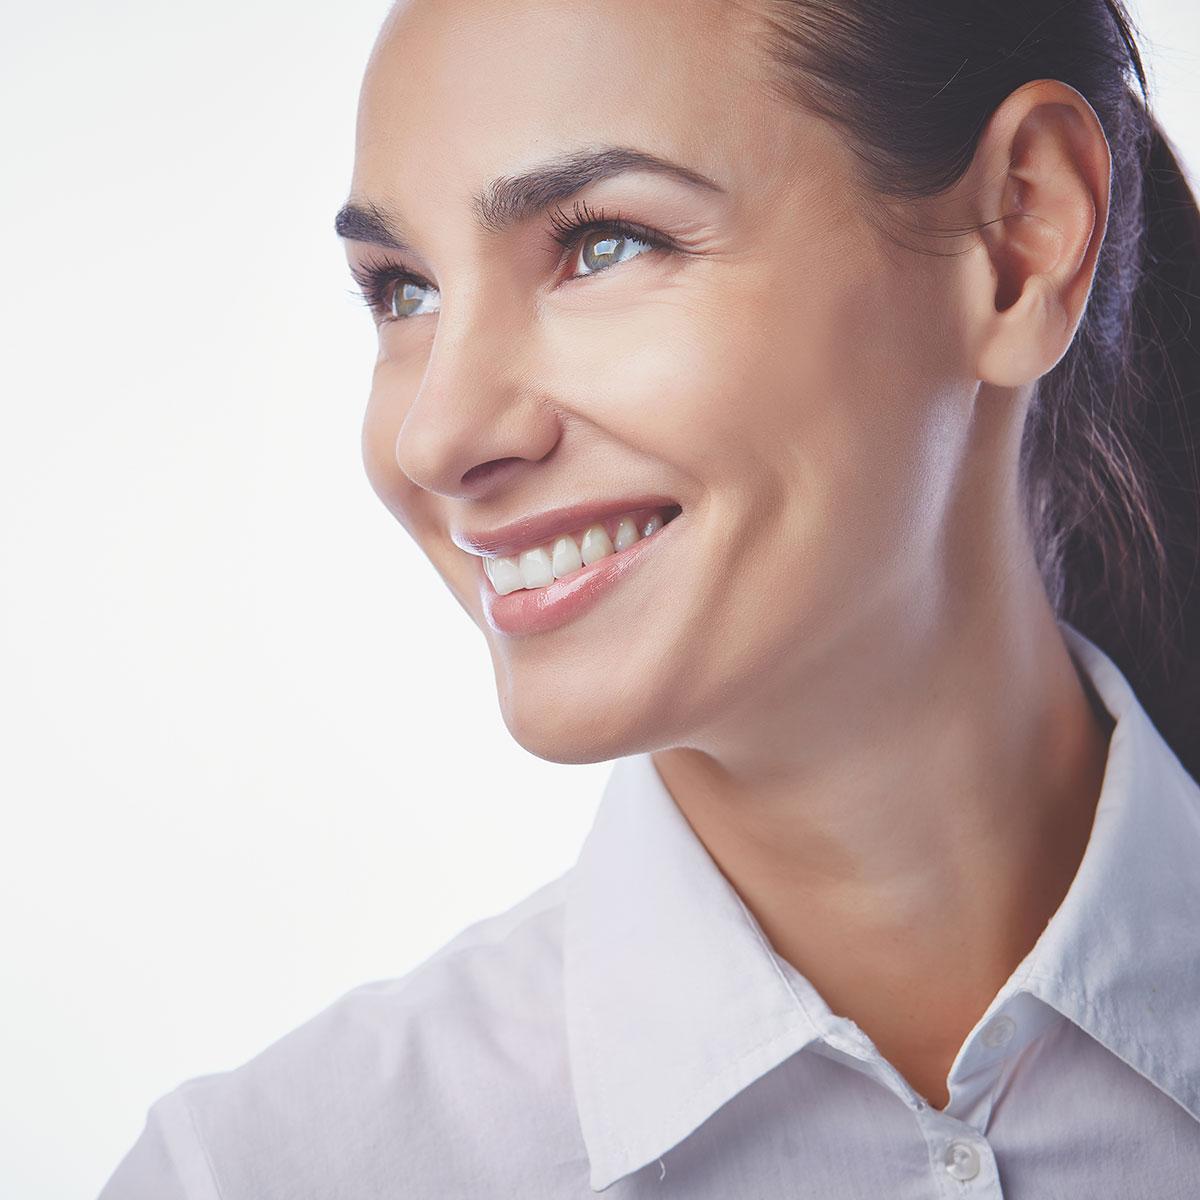 Întrebări frecvente stomatologie